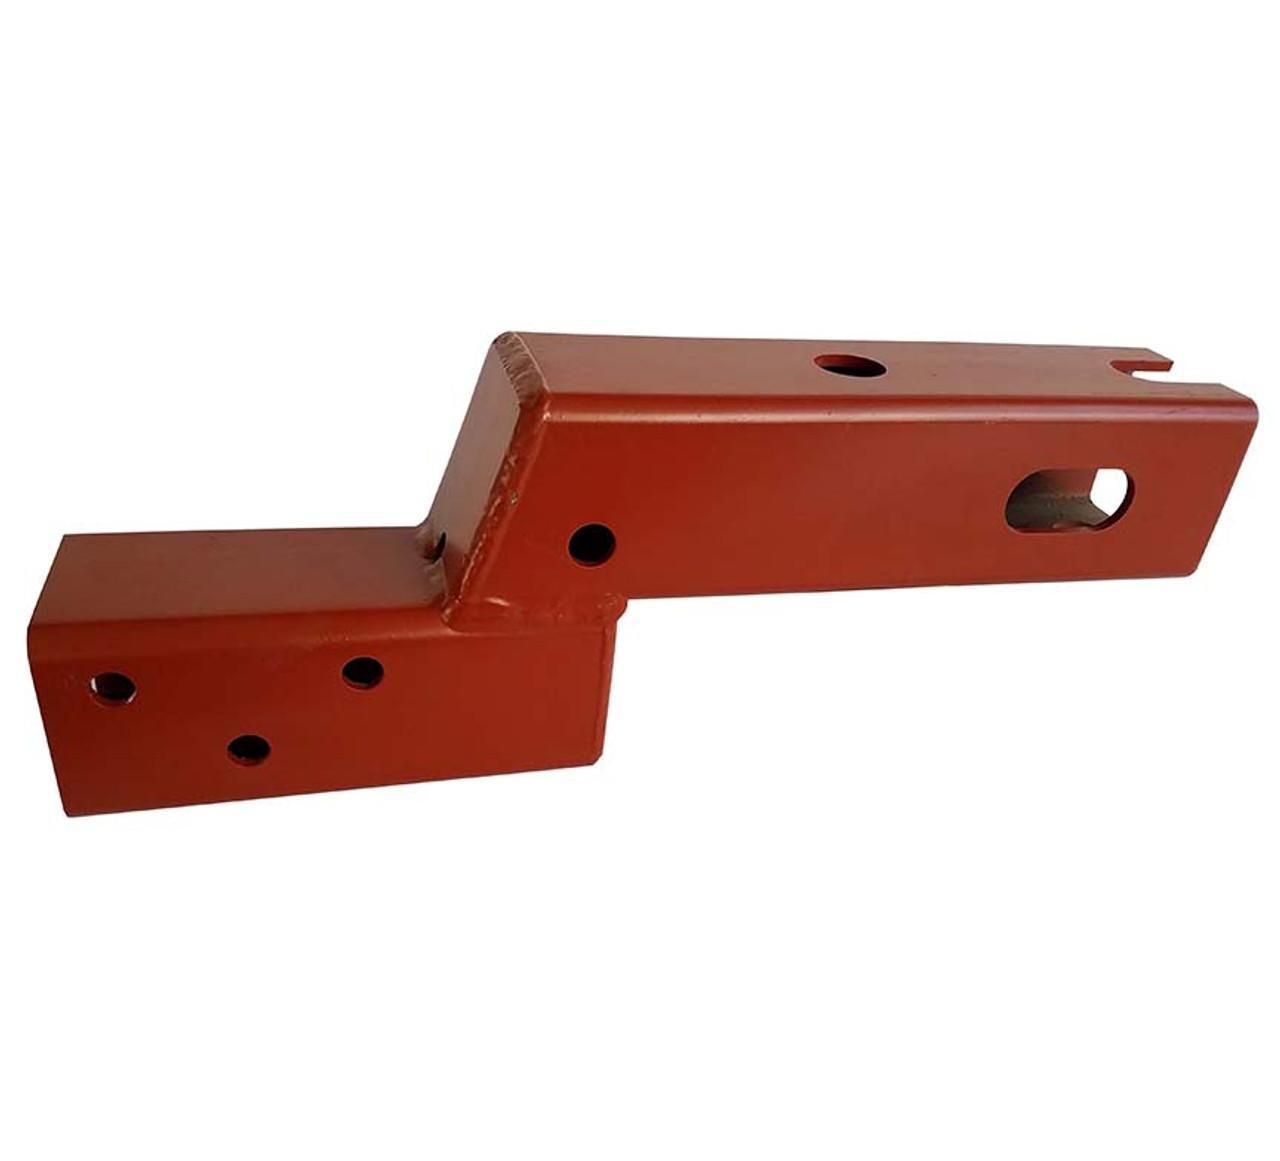 11079-97 --- Demco DA91 Drop Inner Slide Only - Primed